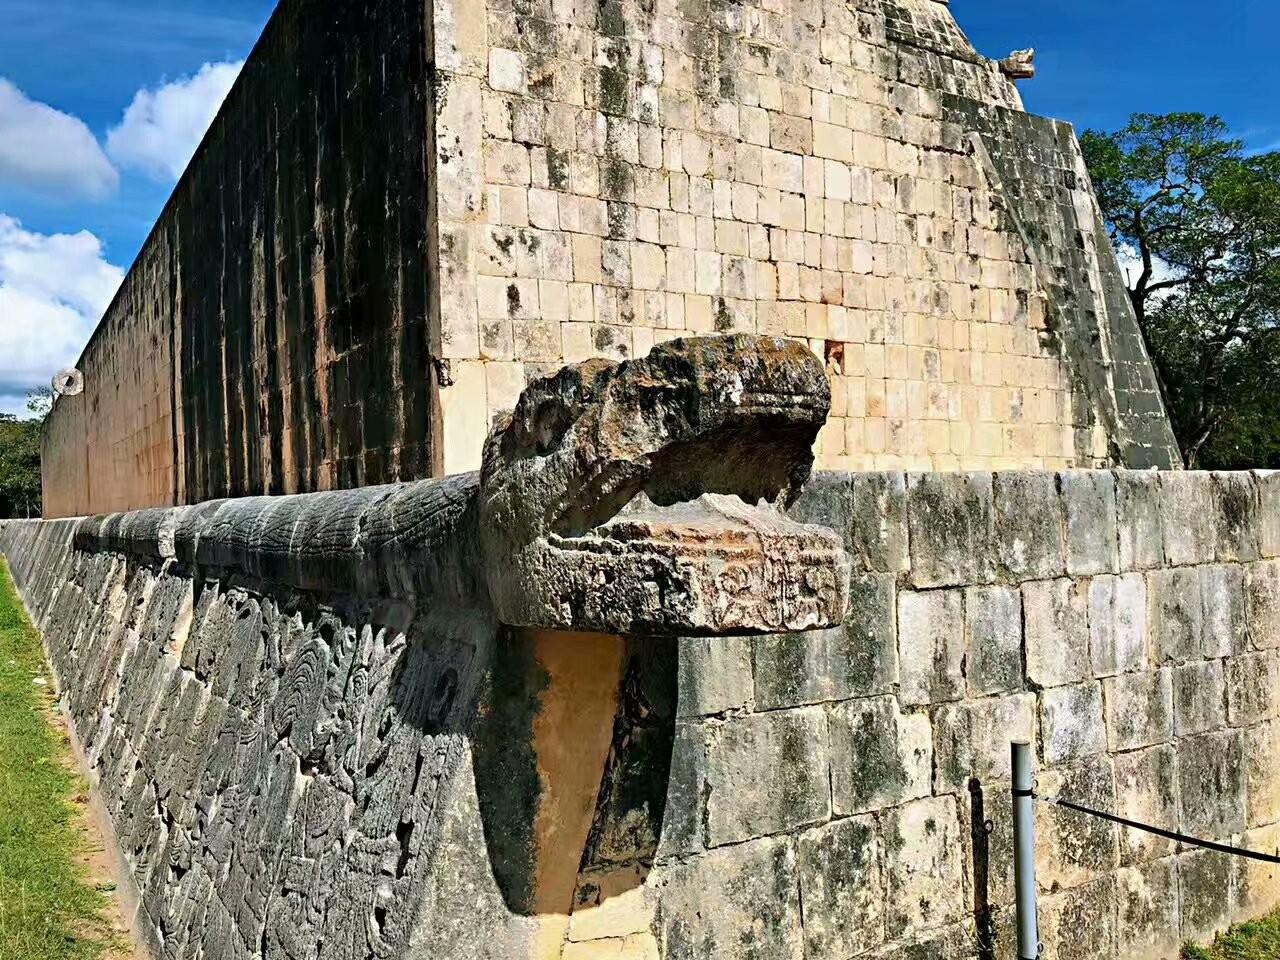 墨西哥奇琴伊察玛雅文化遗迹(图)_图1-7